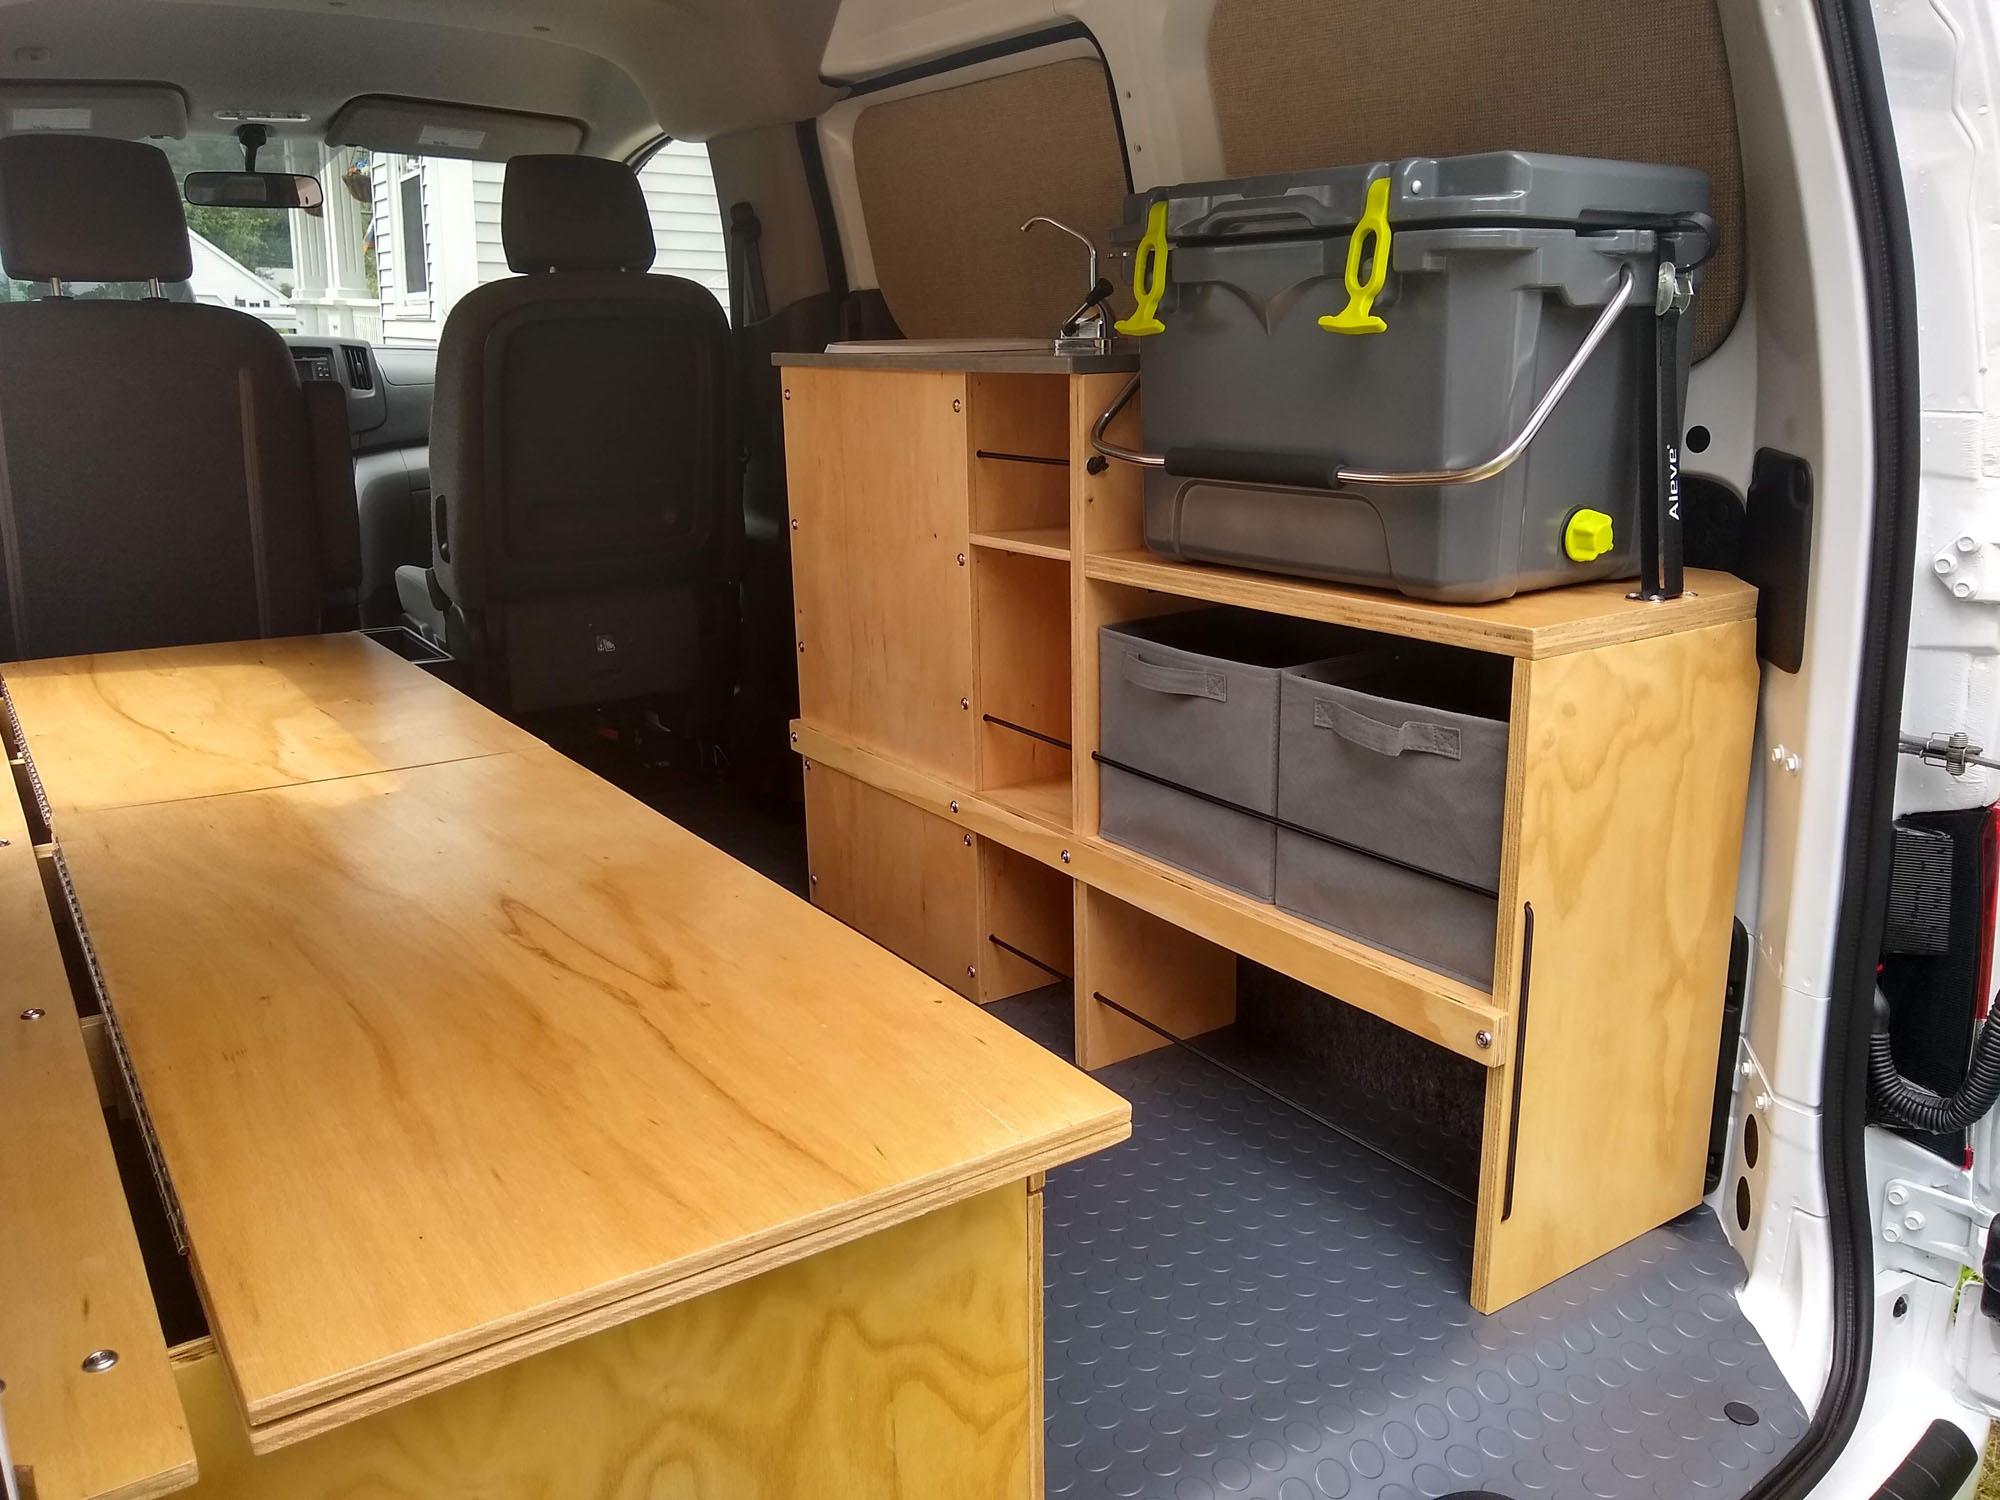 Nissan NV200 Camper Conversion - Bench 1